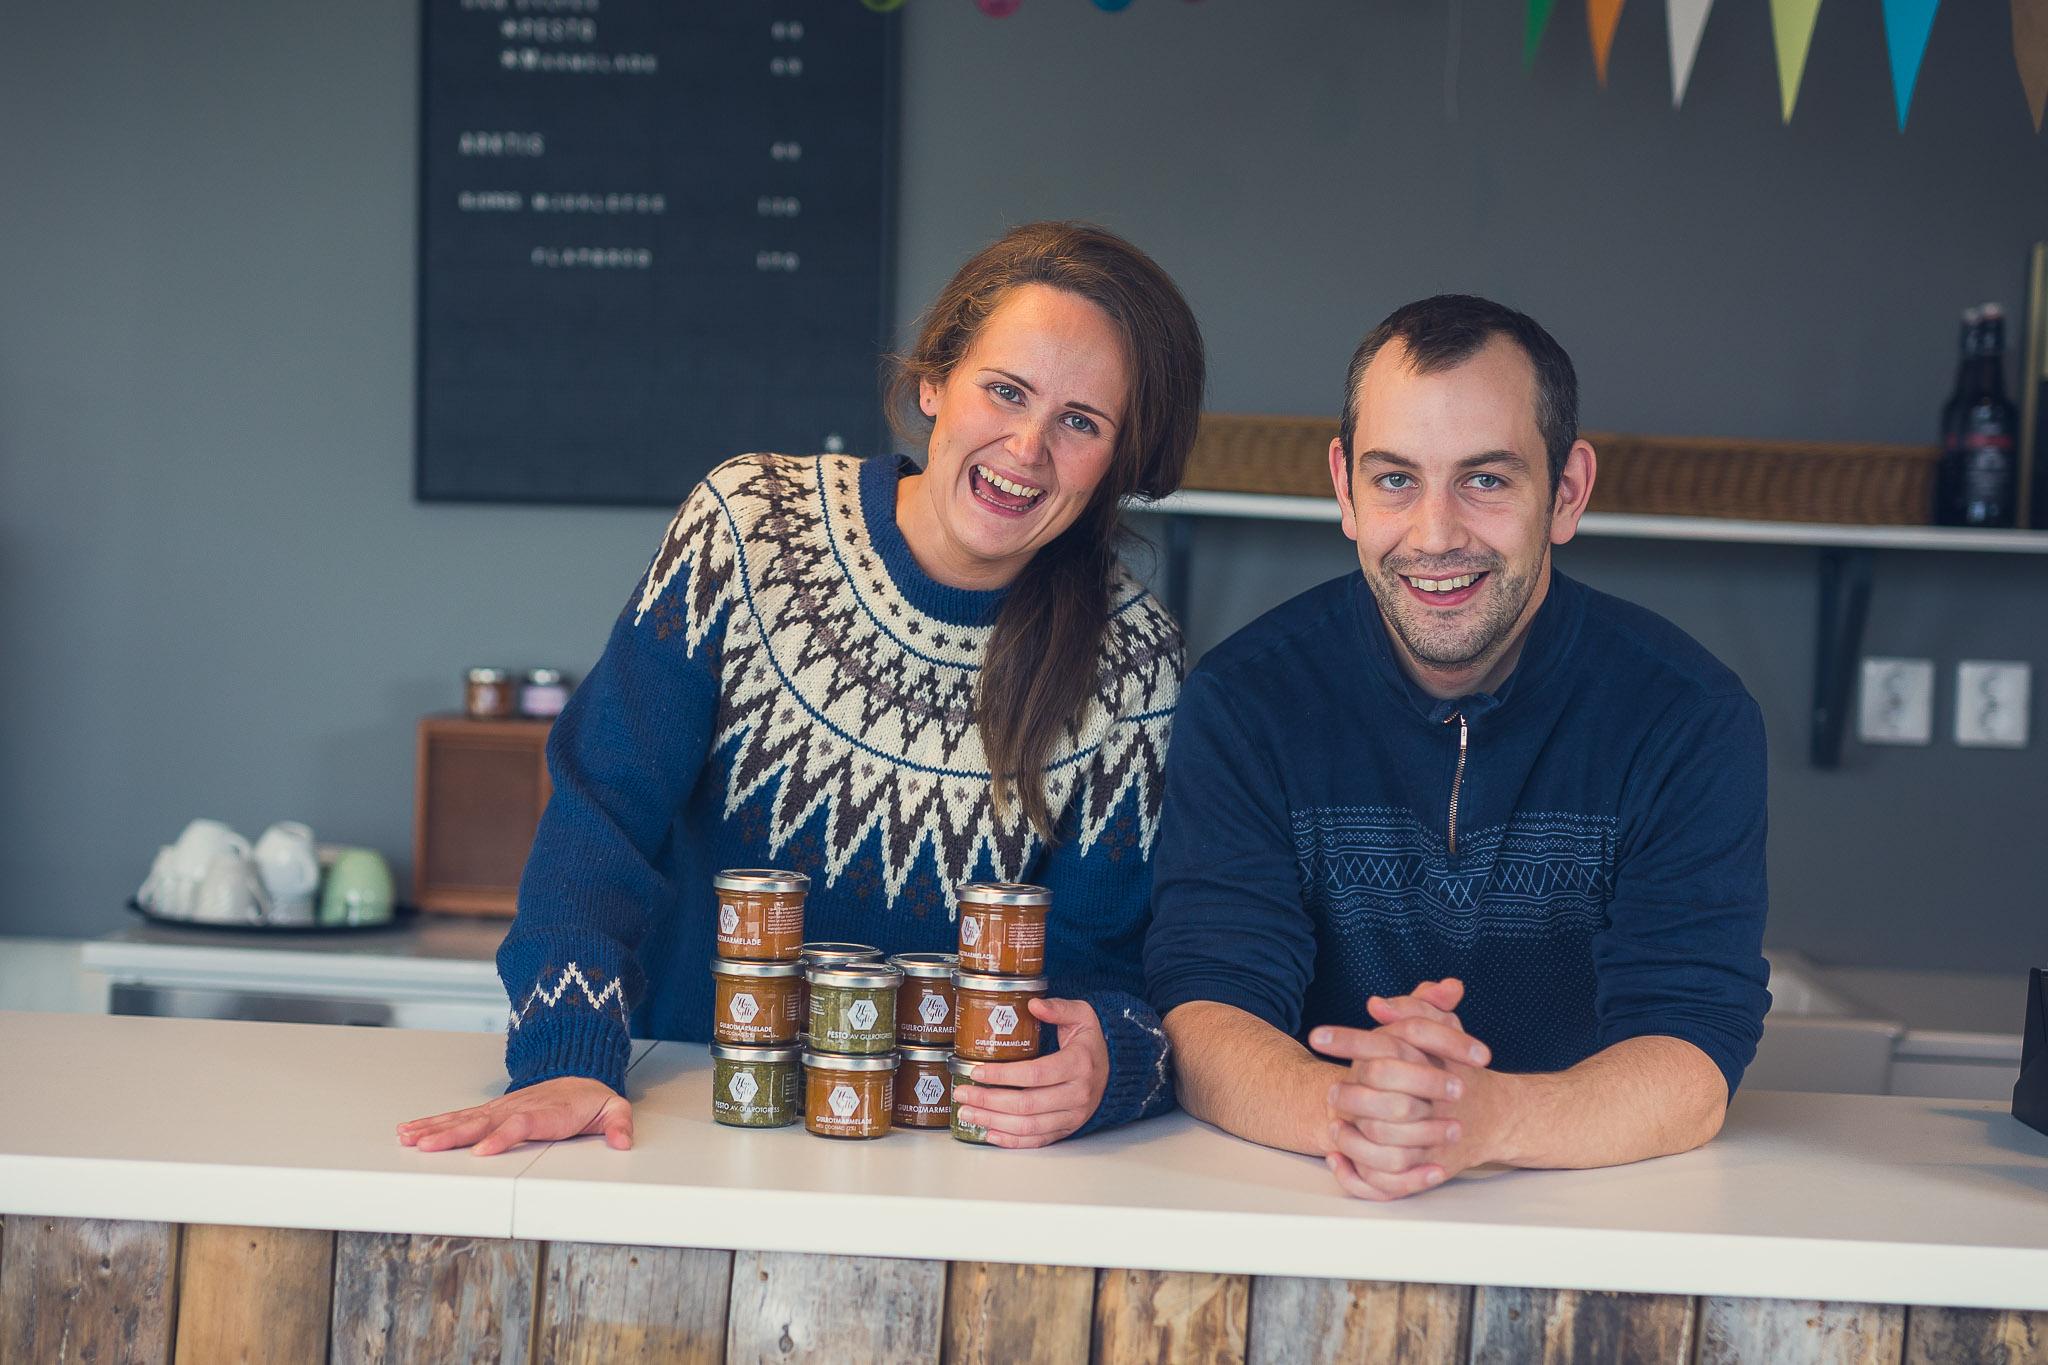 Mathilde og Håvard Winther hos Han Sylte i Valnesfjord står bak disken med et utvalg lokalproduserte marmelader